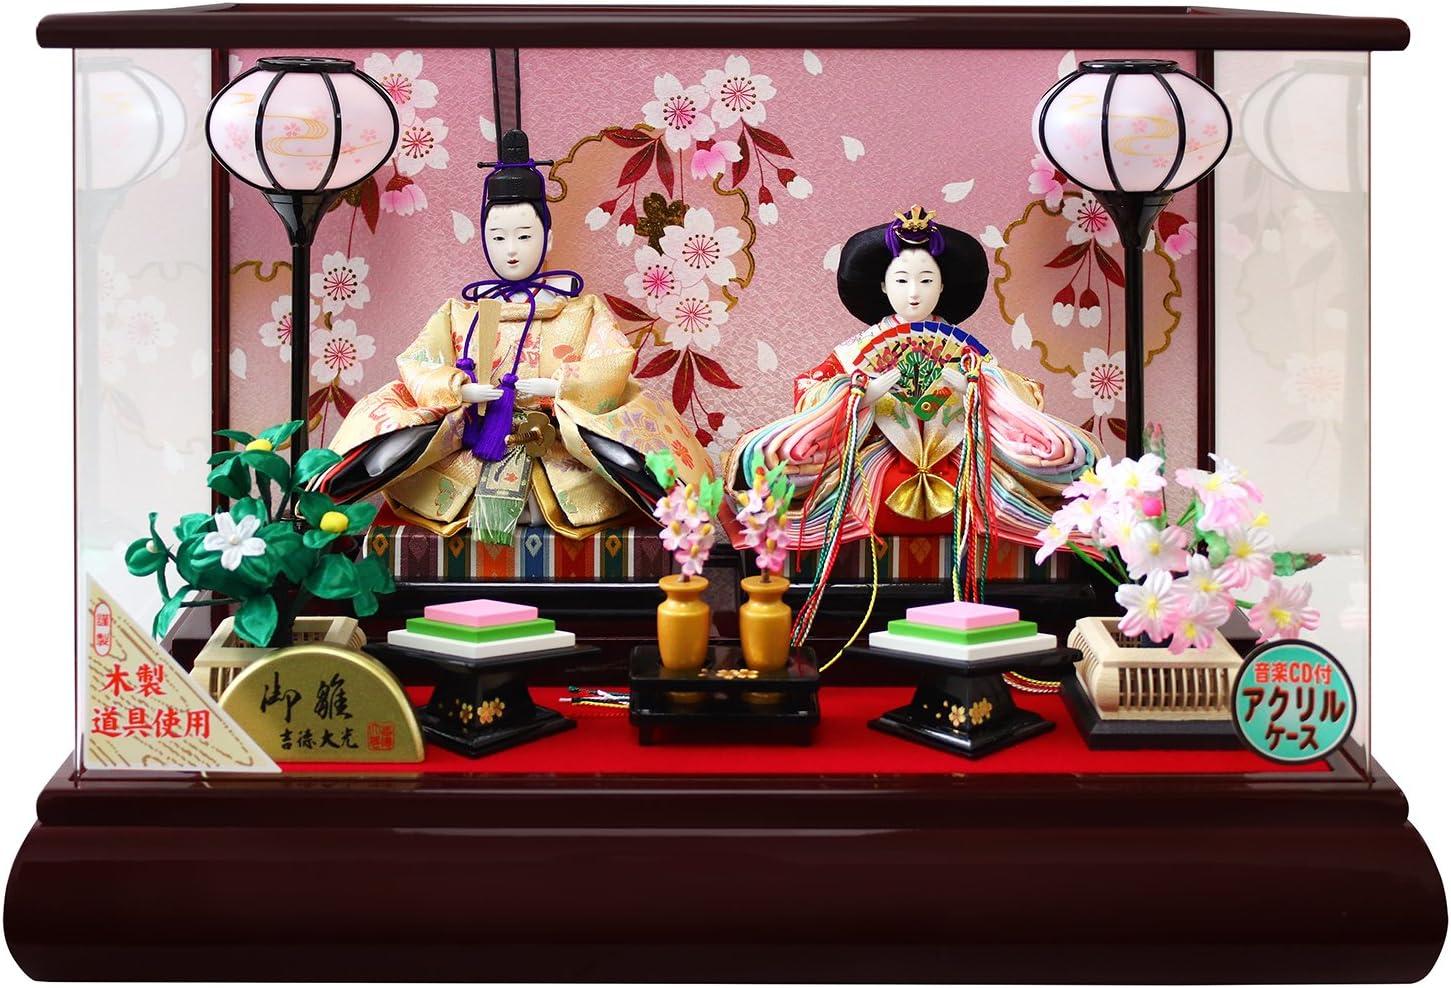 飾る 時期 雛人形